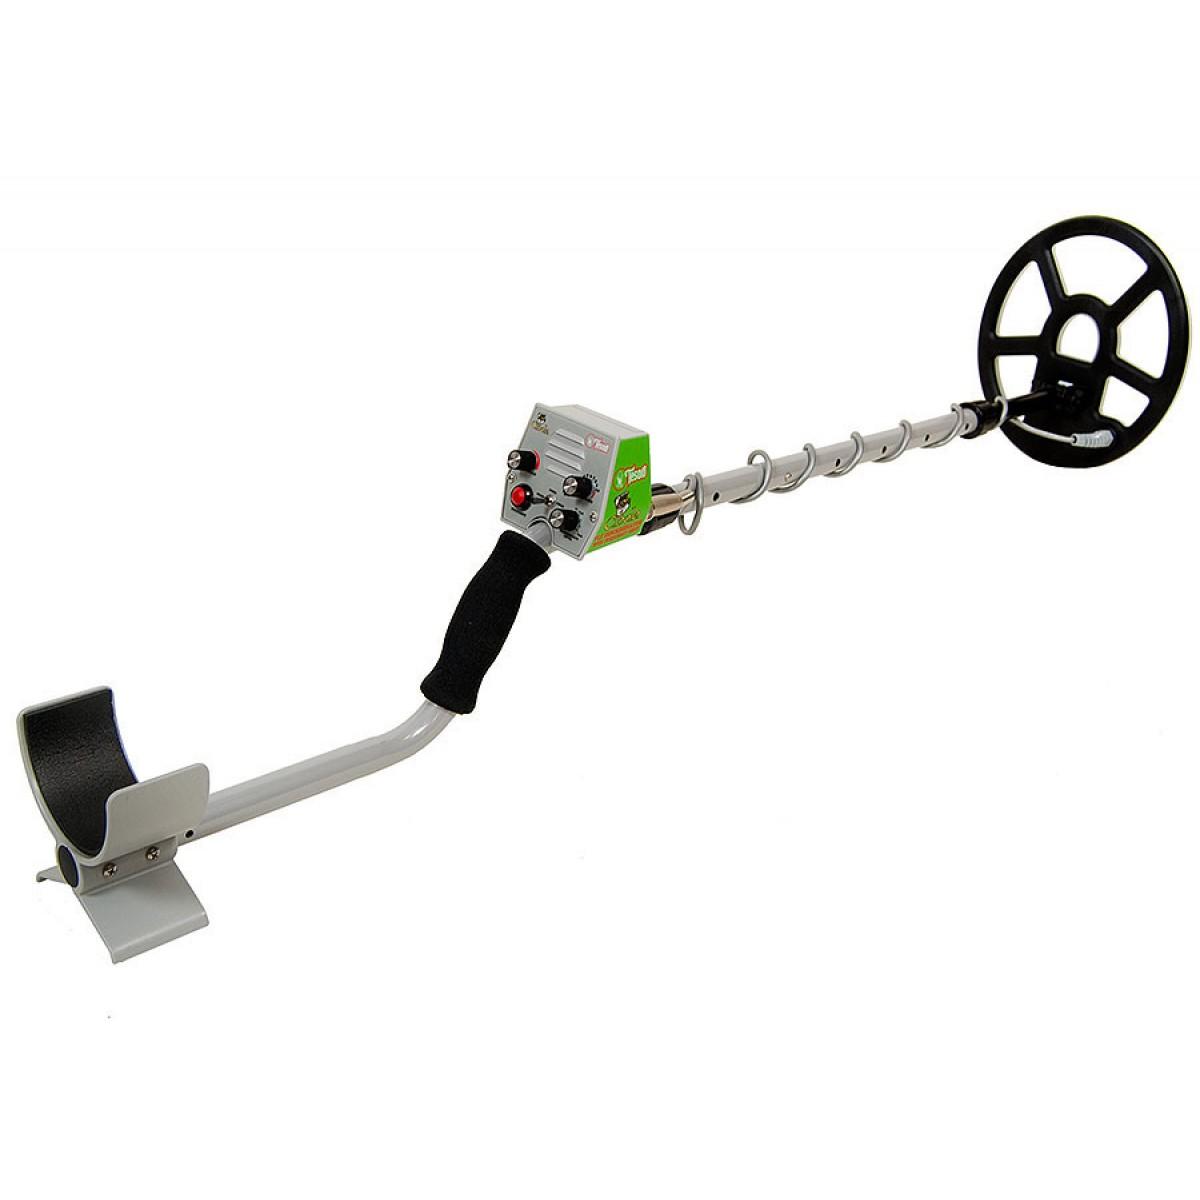 Tesoro Cibola металлоискатель металлодетектор грунтовый металлодетектор